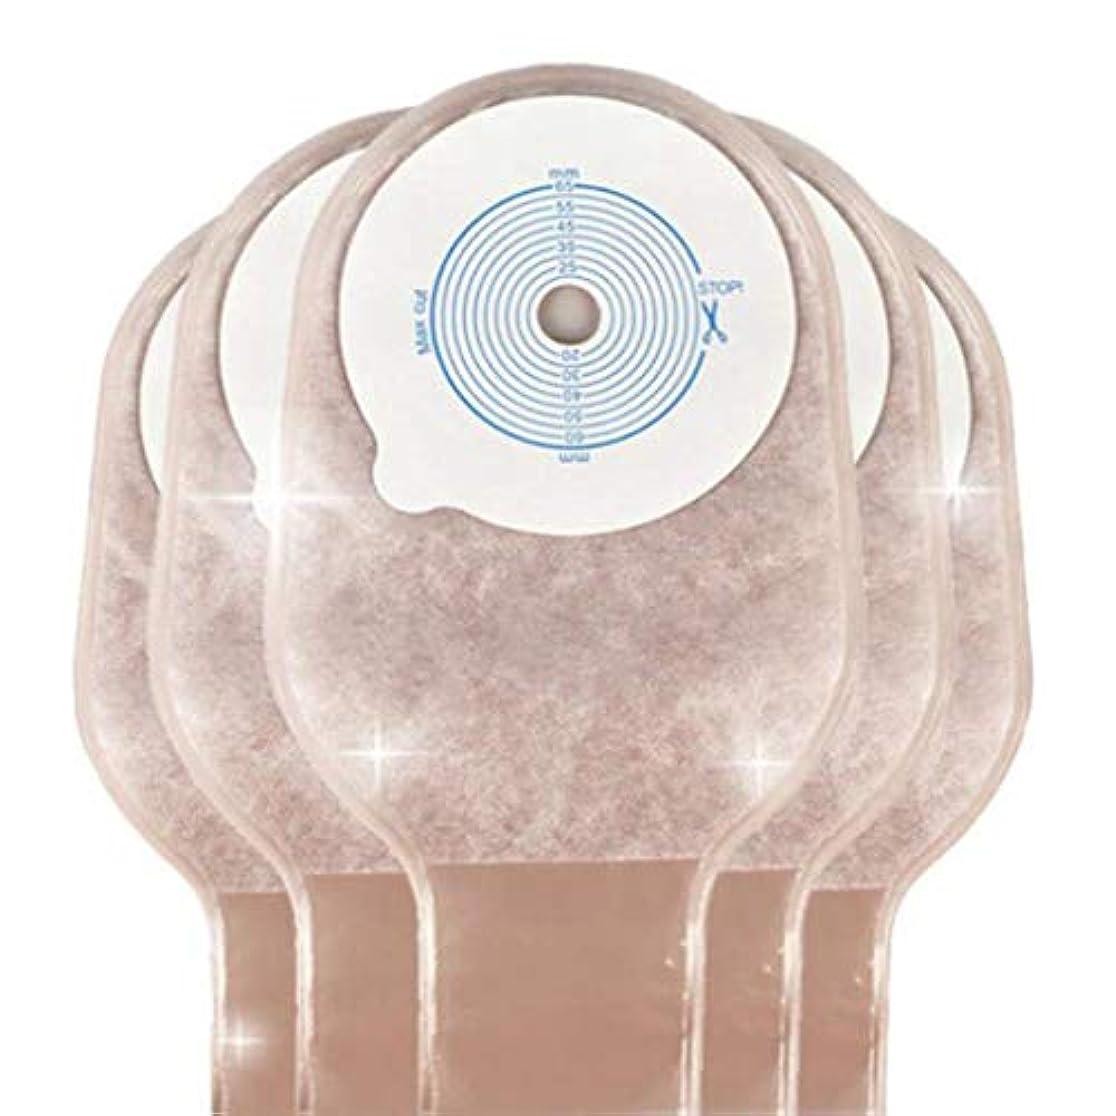 動くサロン通知する人工肛門ストーマ袋、使い捨て、人工肛門はポーチ10PCSの/パックワンピースシステムオストミーバッグ排水可能ポーチ人工肛門バッグストーマ用品ドレン